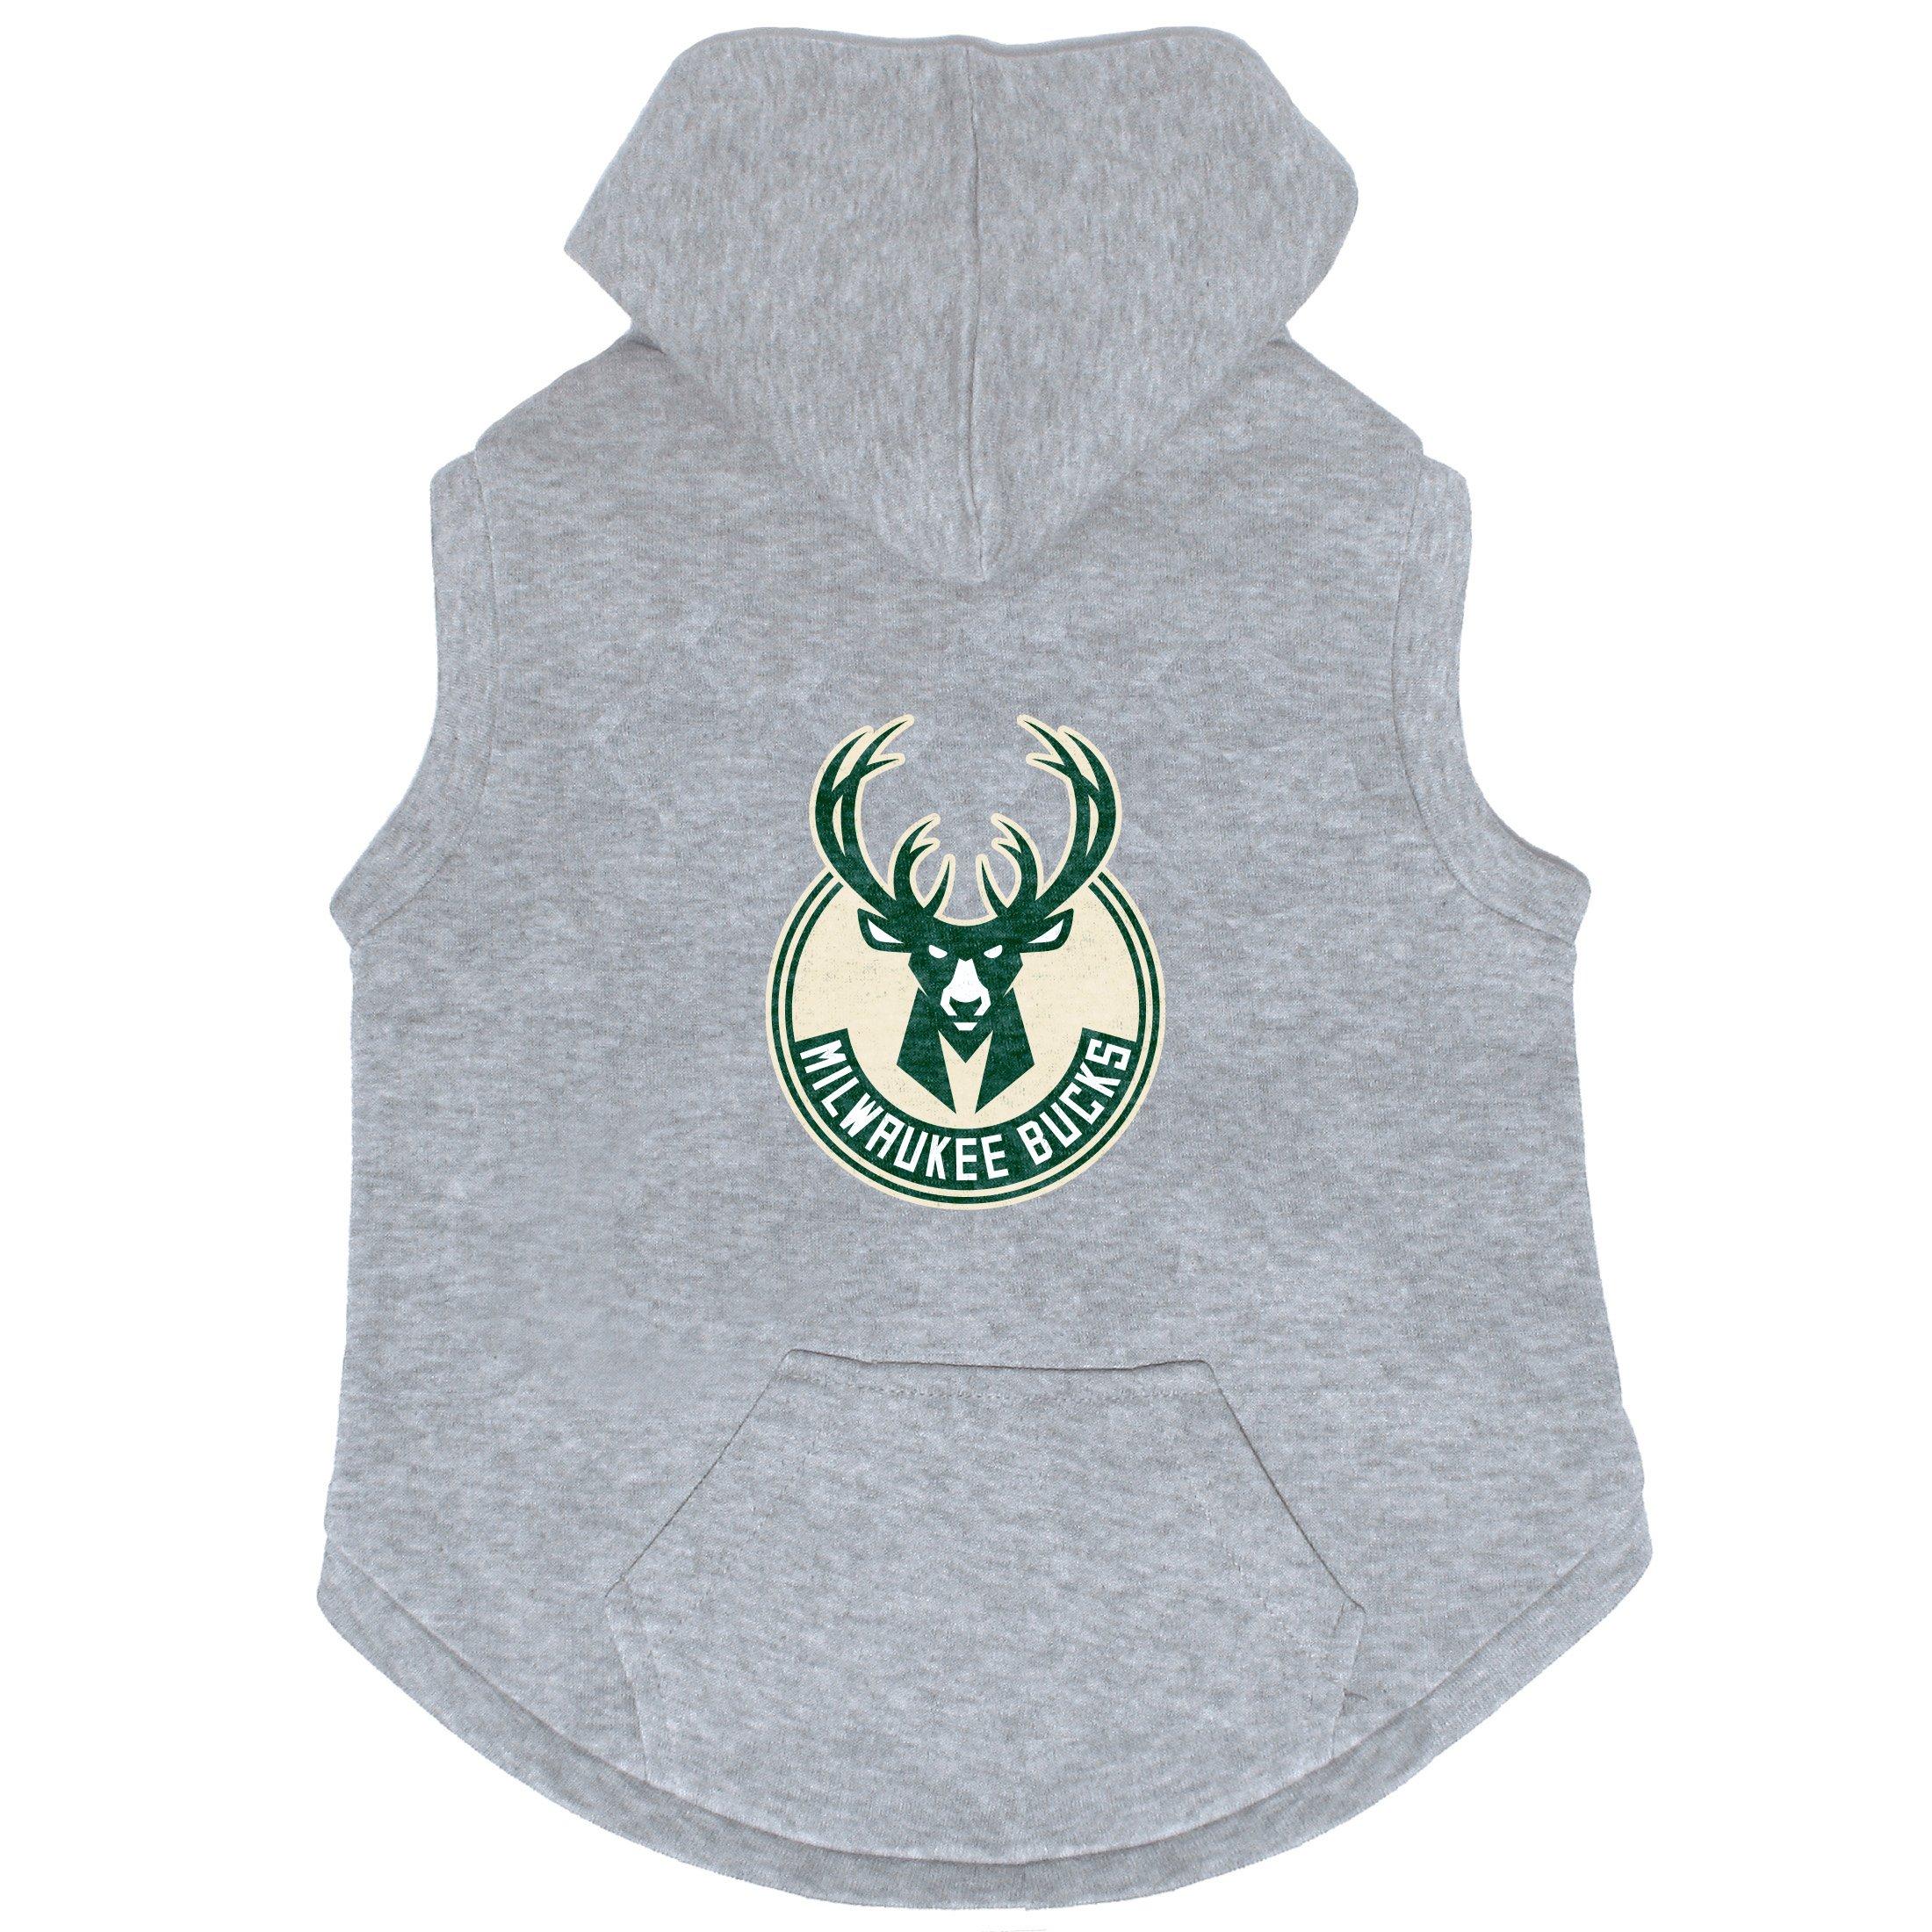 NBA Milwaukee Bucks Pet Hooded Crewneck, Medium